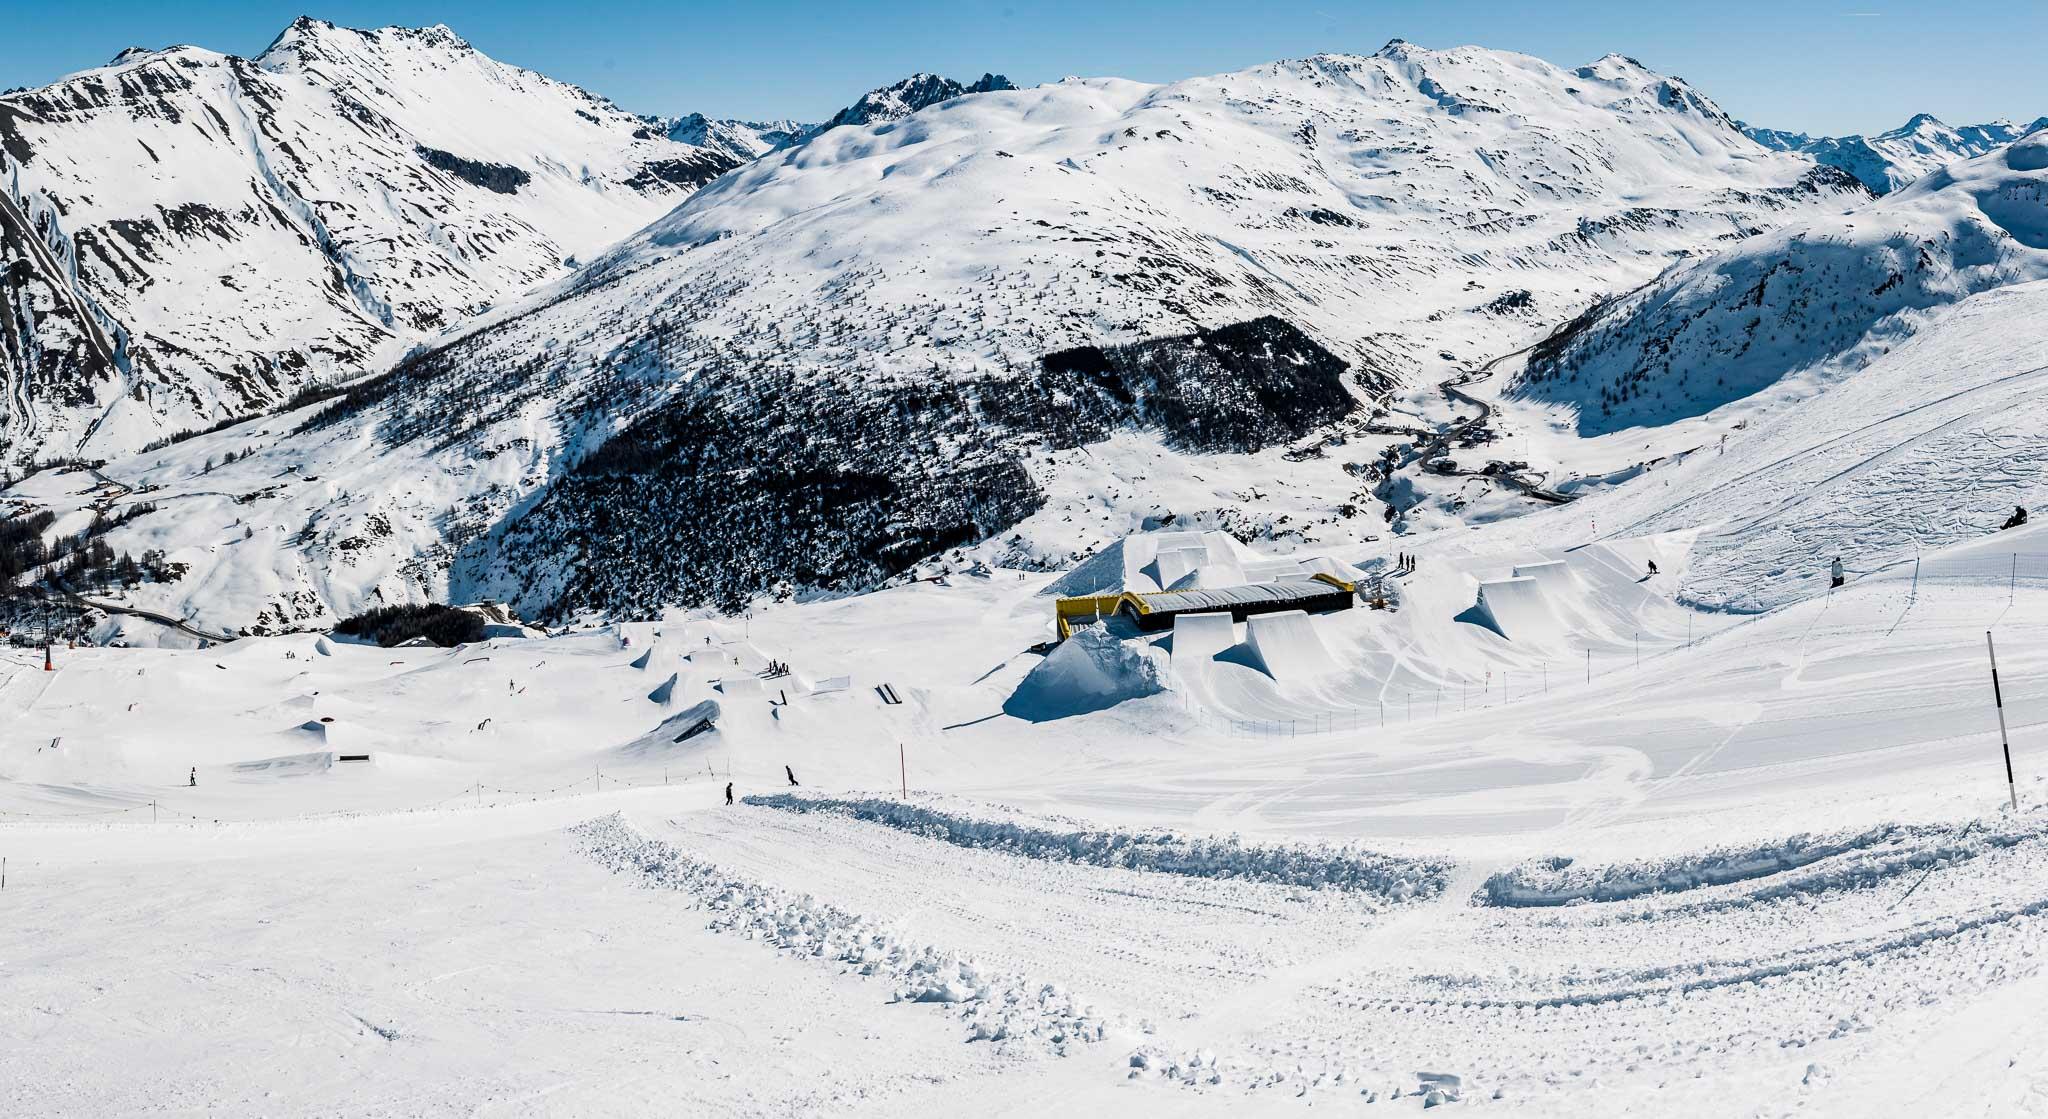 Der Blick von oben auf den Snowpark Livigno: links die Jib Line, daneben eine Easy Kicker Line, der Airbag für die Profis (nicht öffentlich) und die Pro Kickerline ganz rechts.